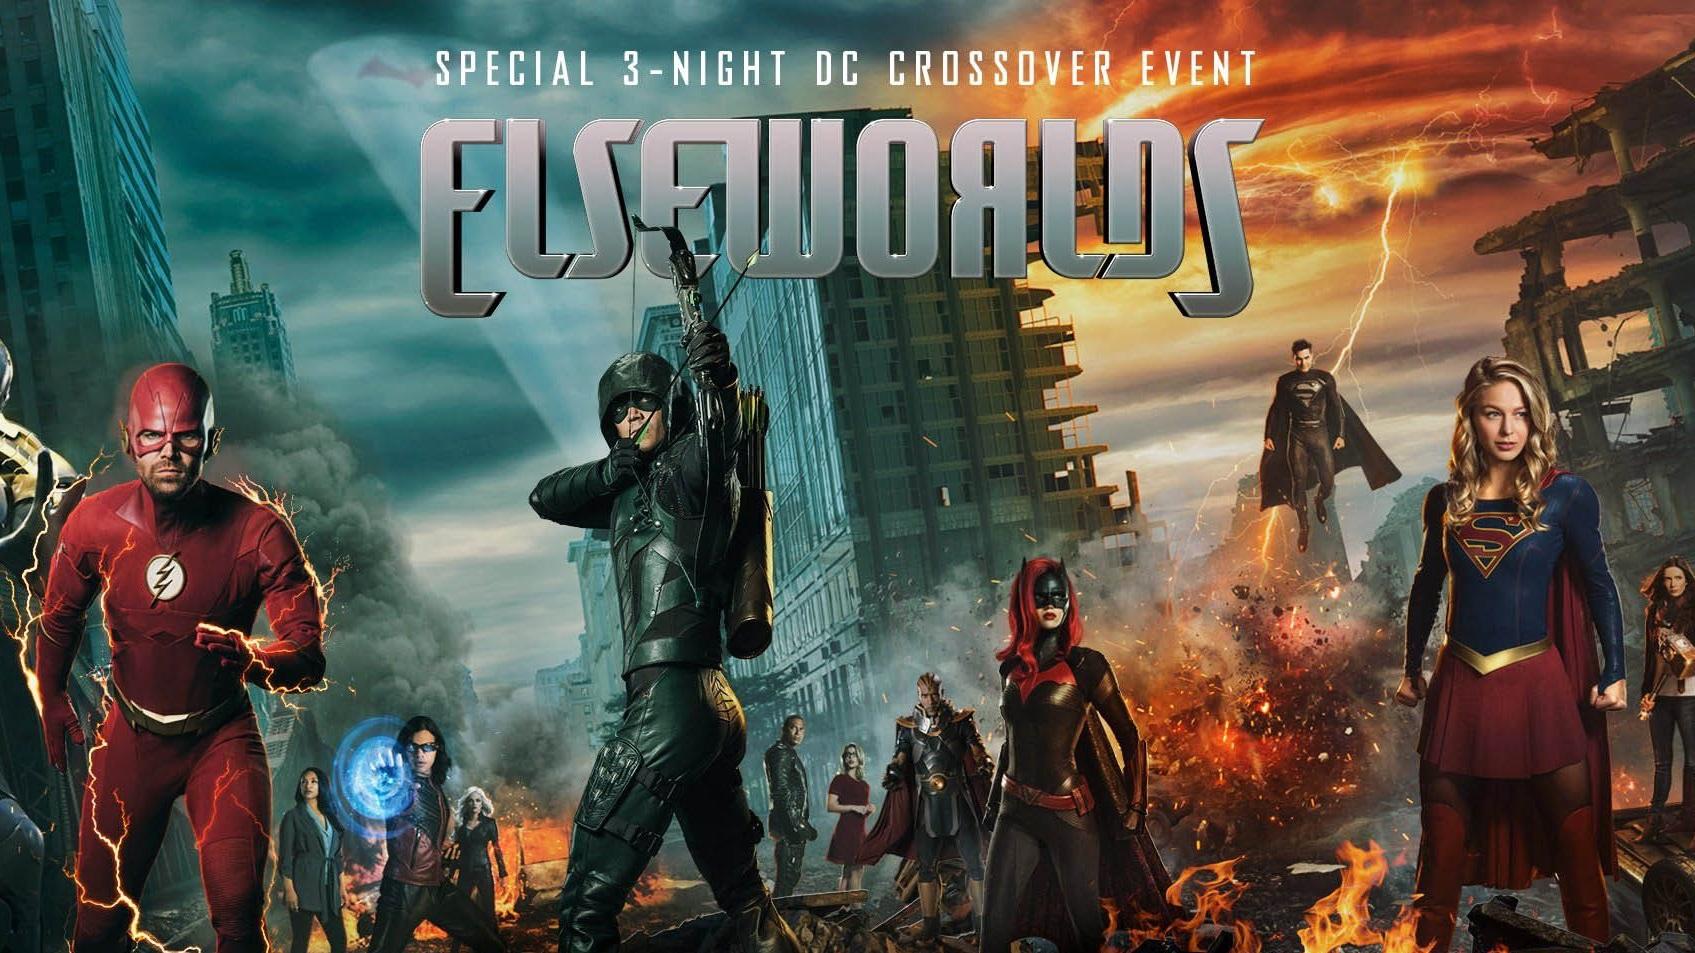 NOTICIA Teaser de Elseworlds de DC/CW - Tomos y Grapas